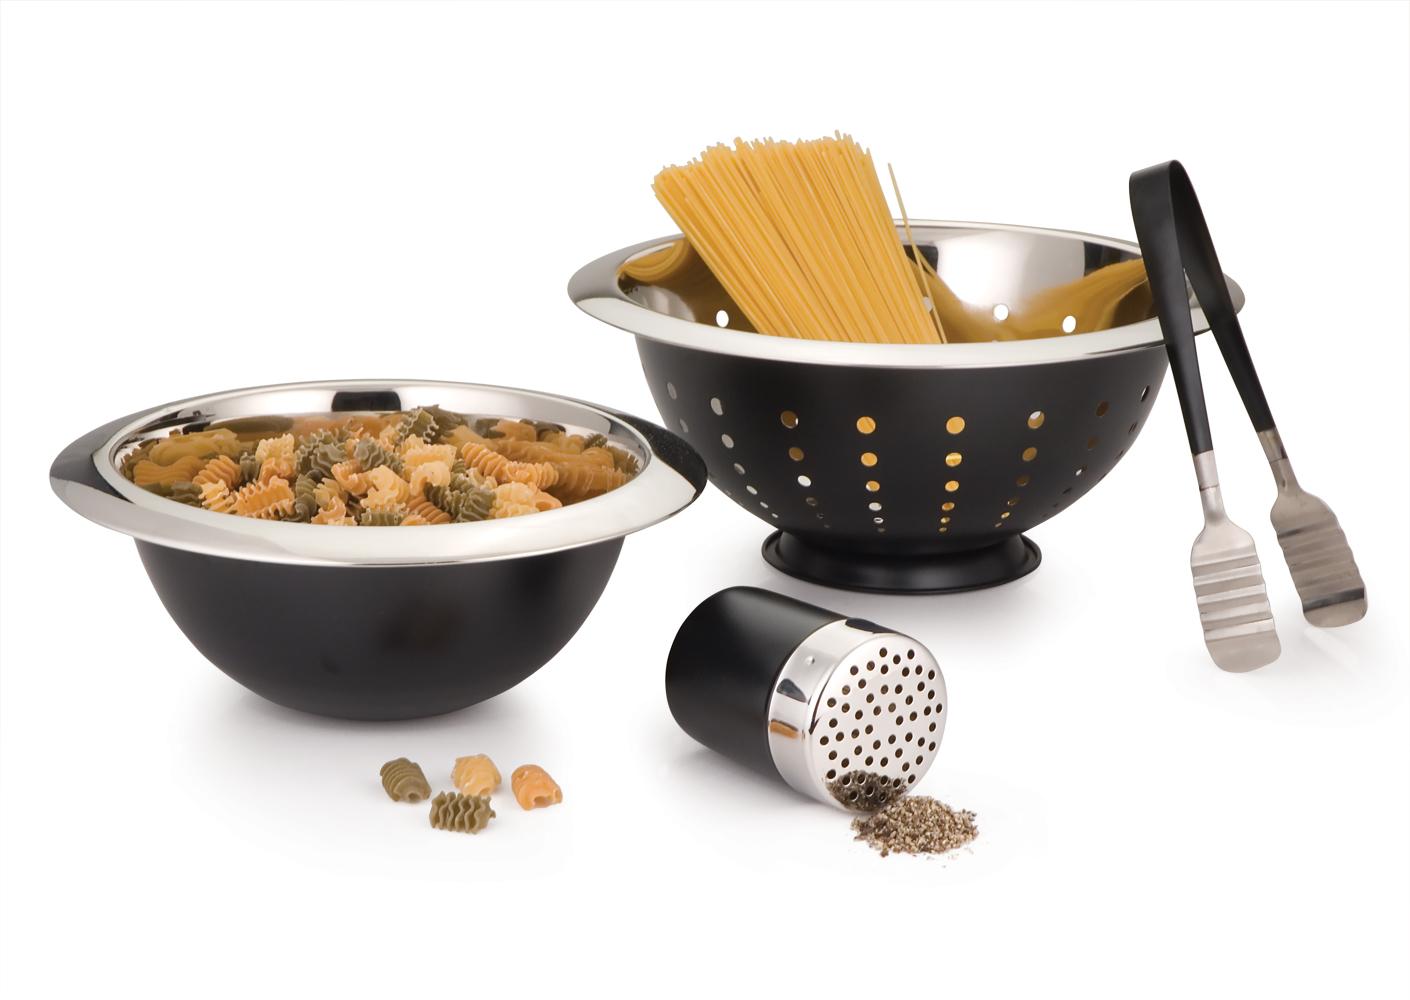 Pasta set of 4Pcs Black